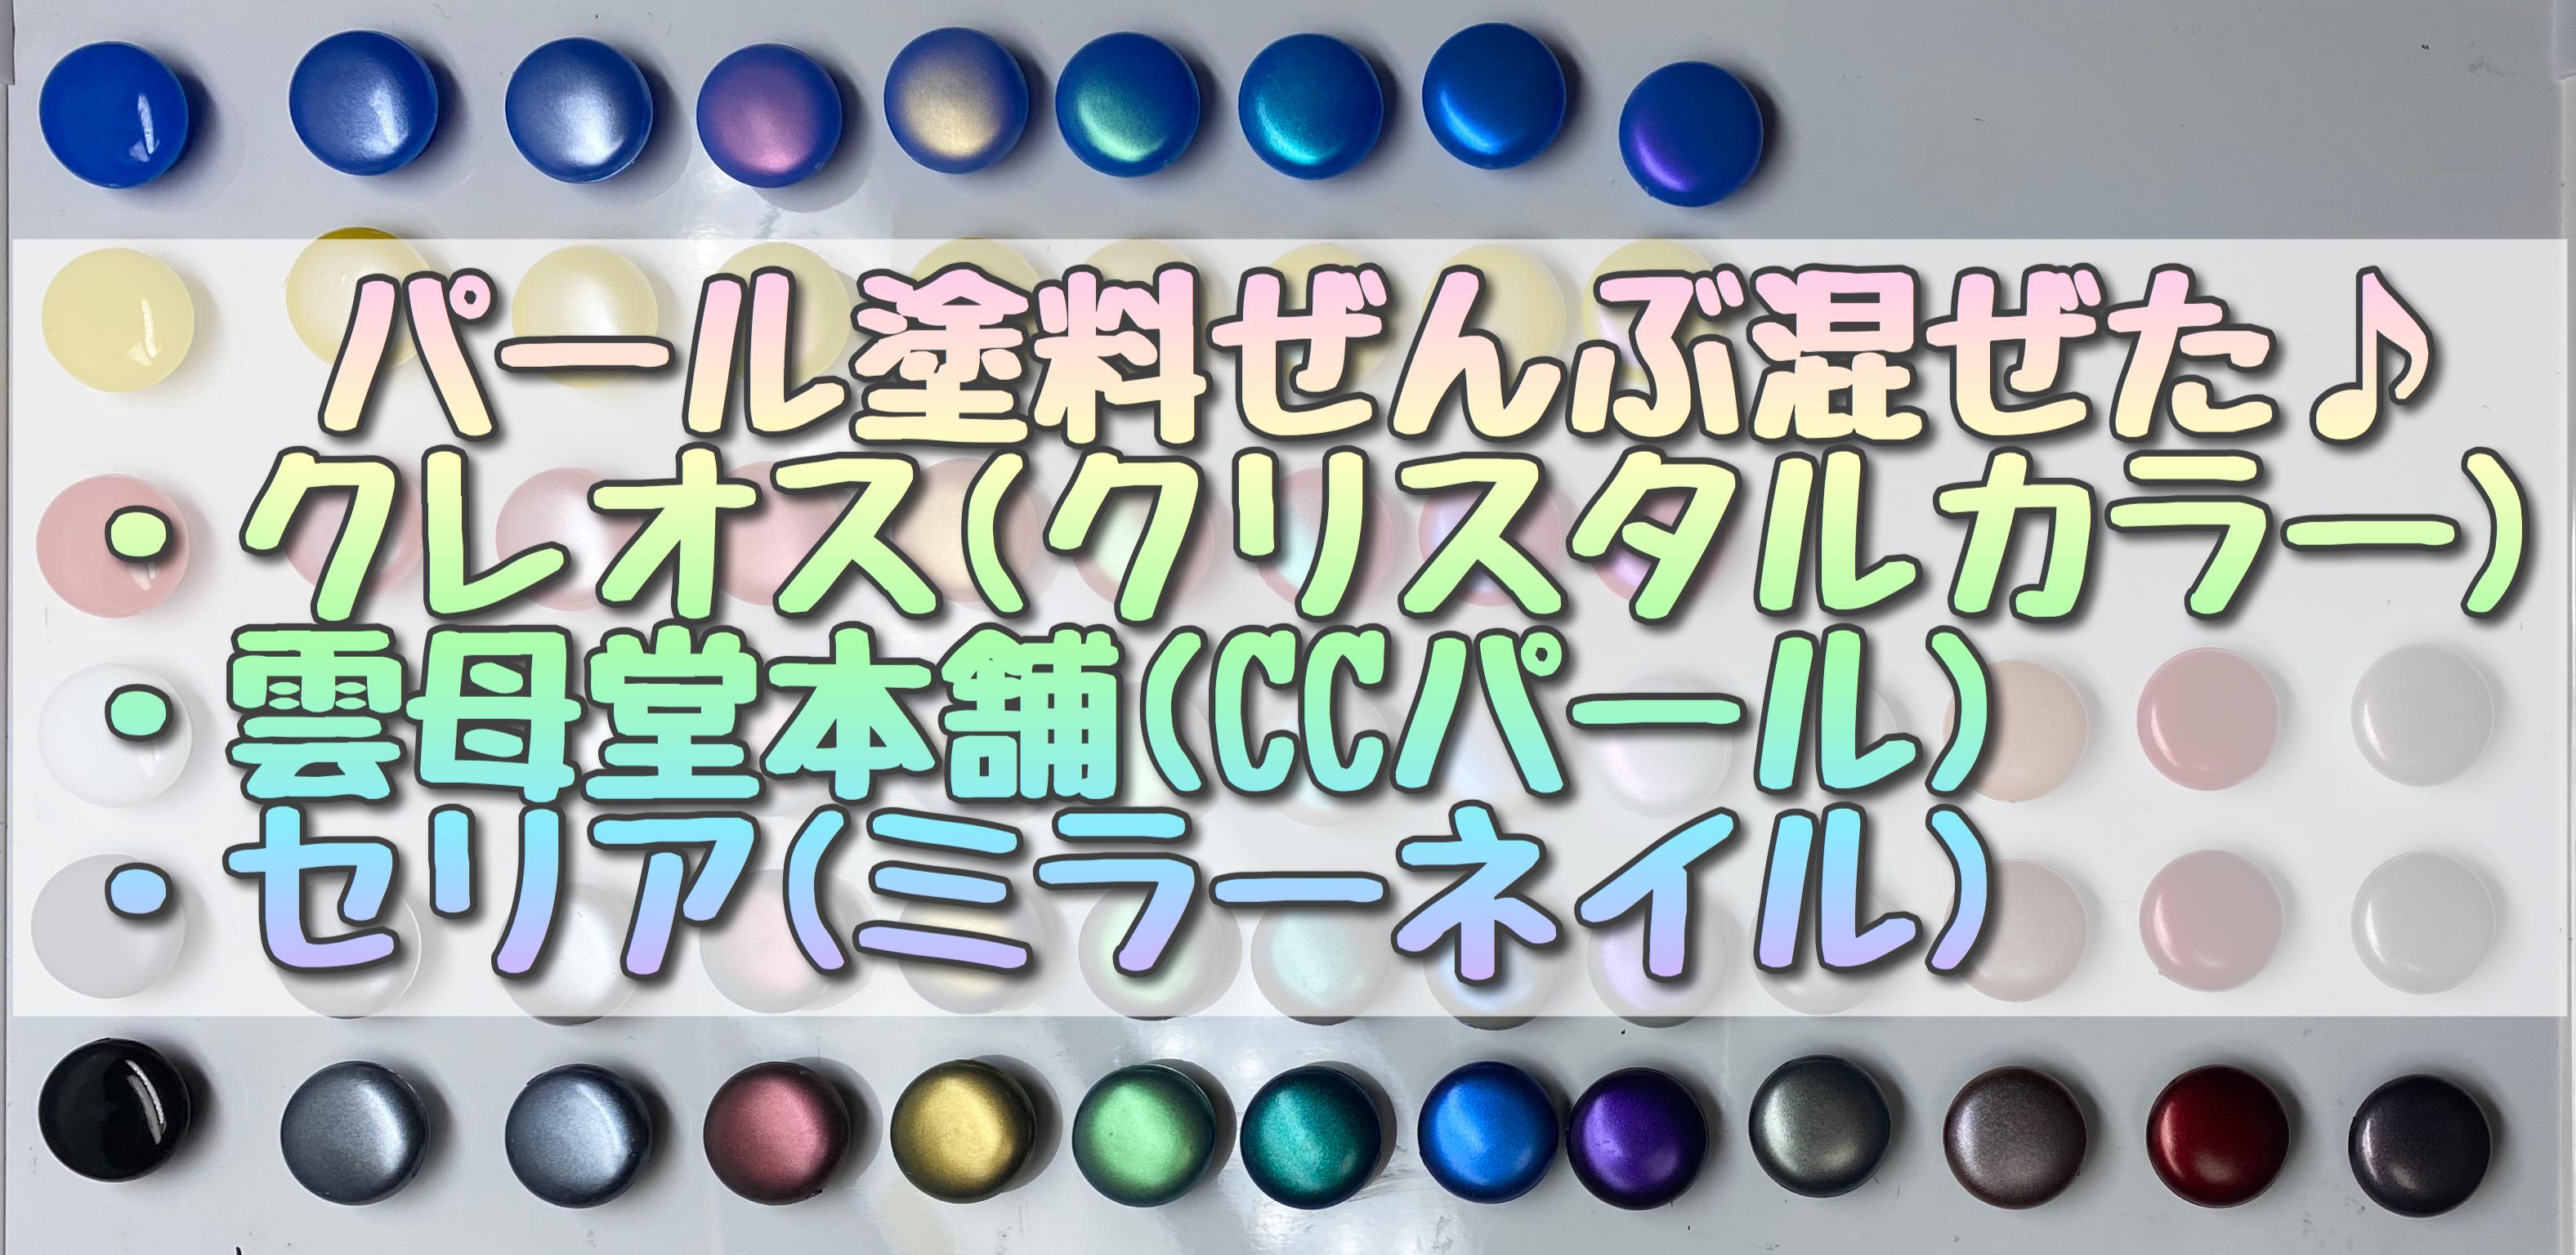 パール塗料を全色混ぜたらどうなるかのアイキャッチ